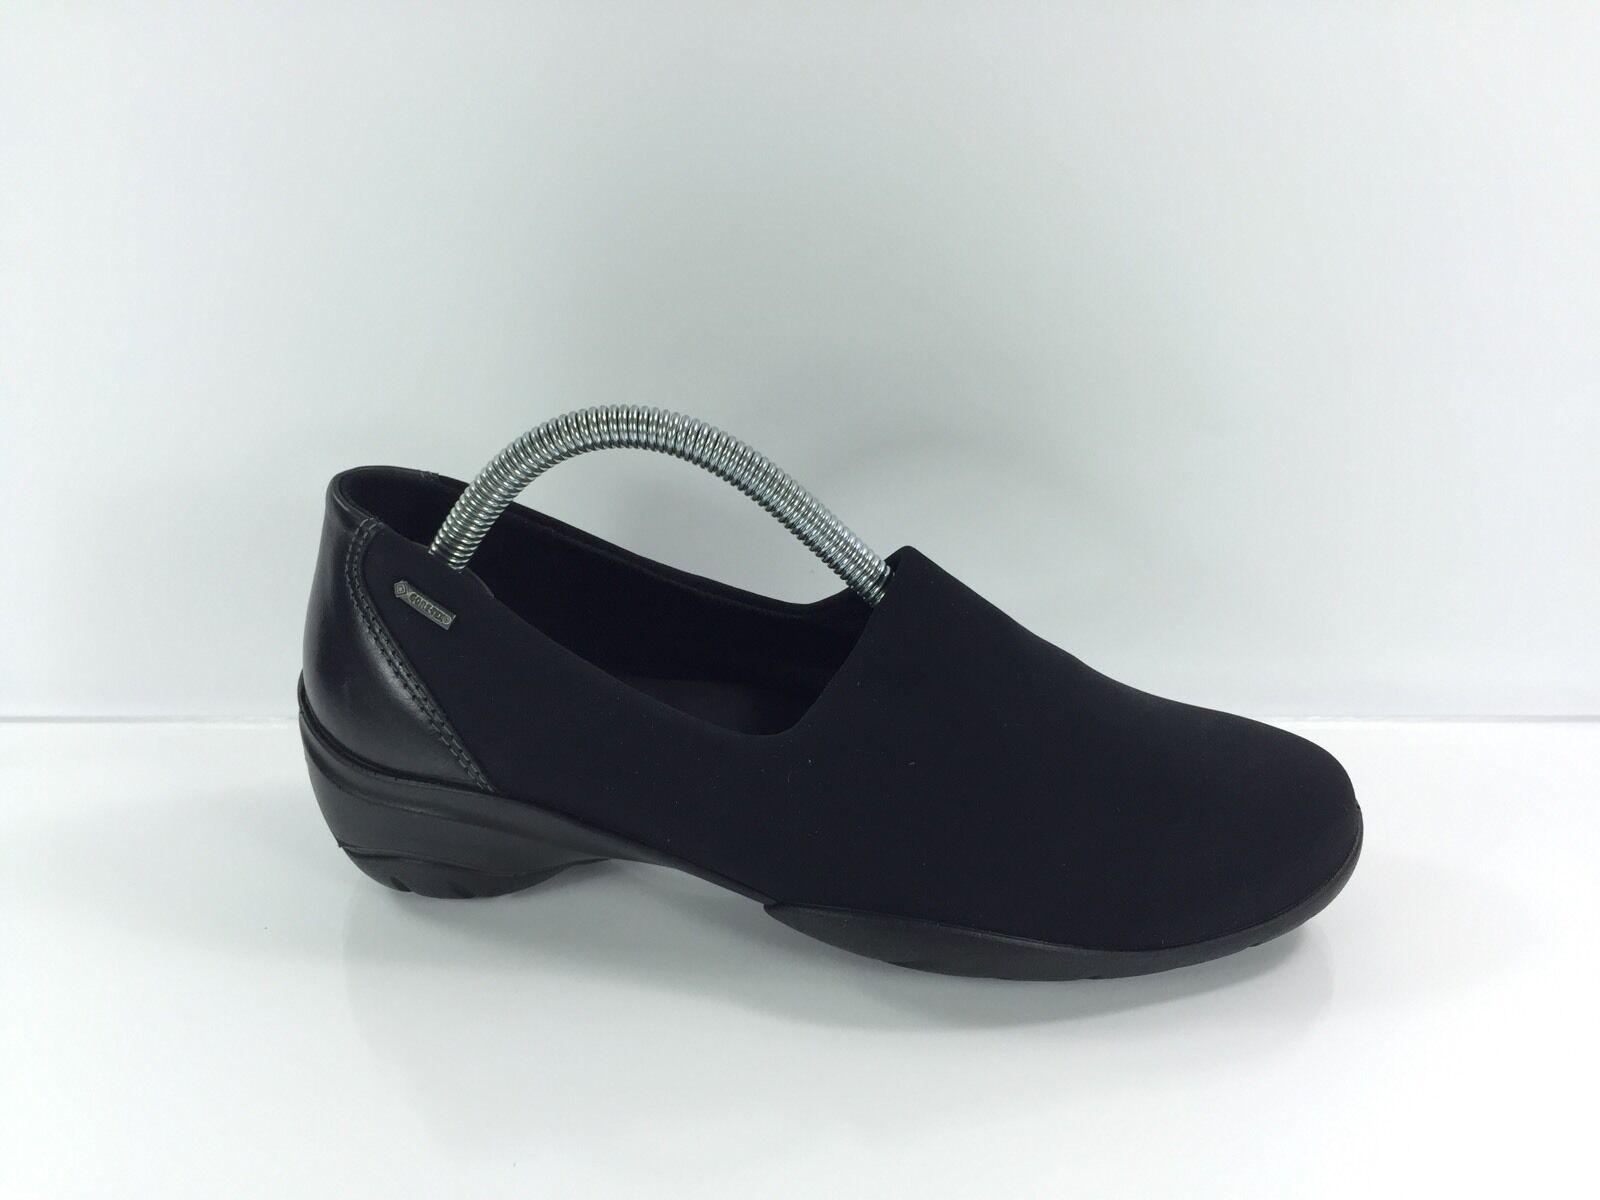 Ecco Scarpe nere per  donne 36  vendita online